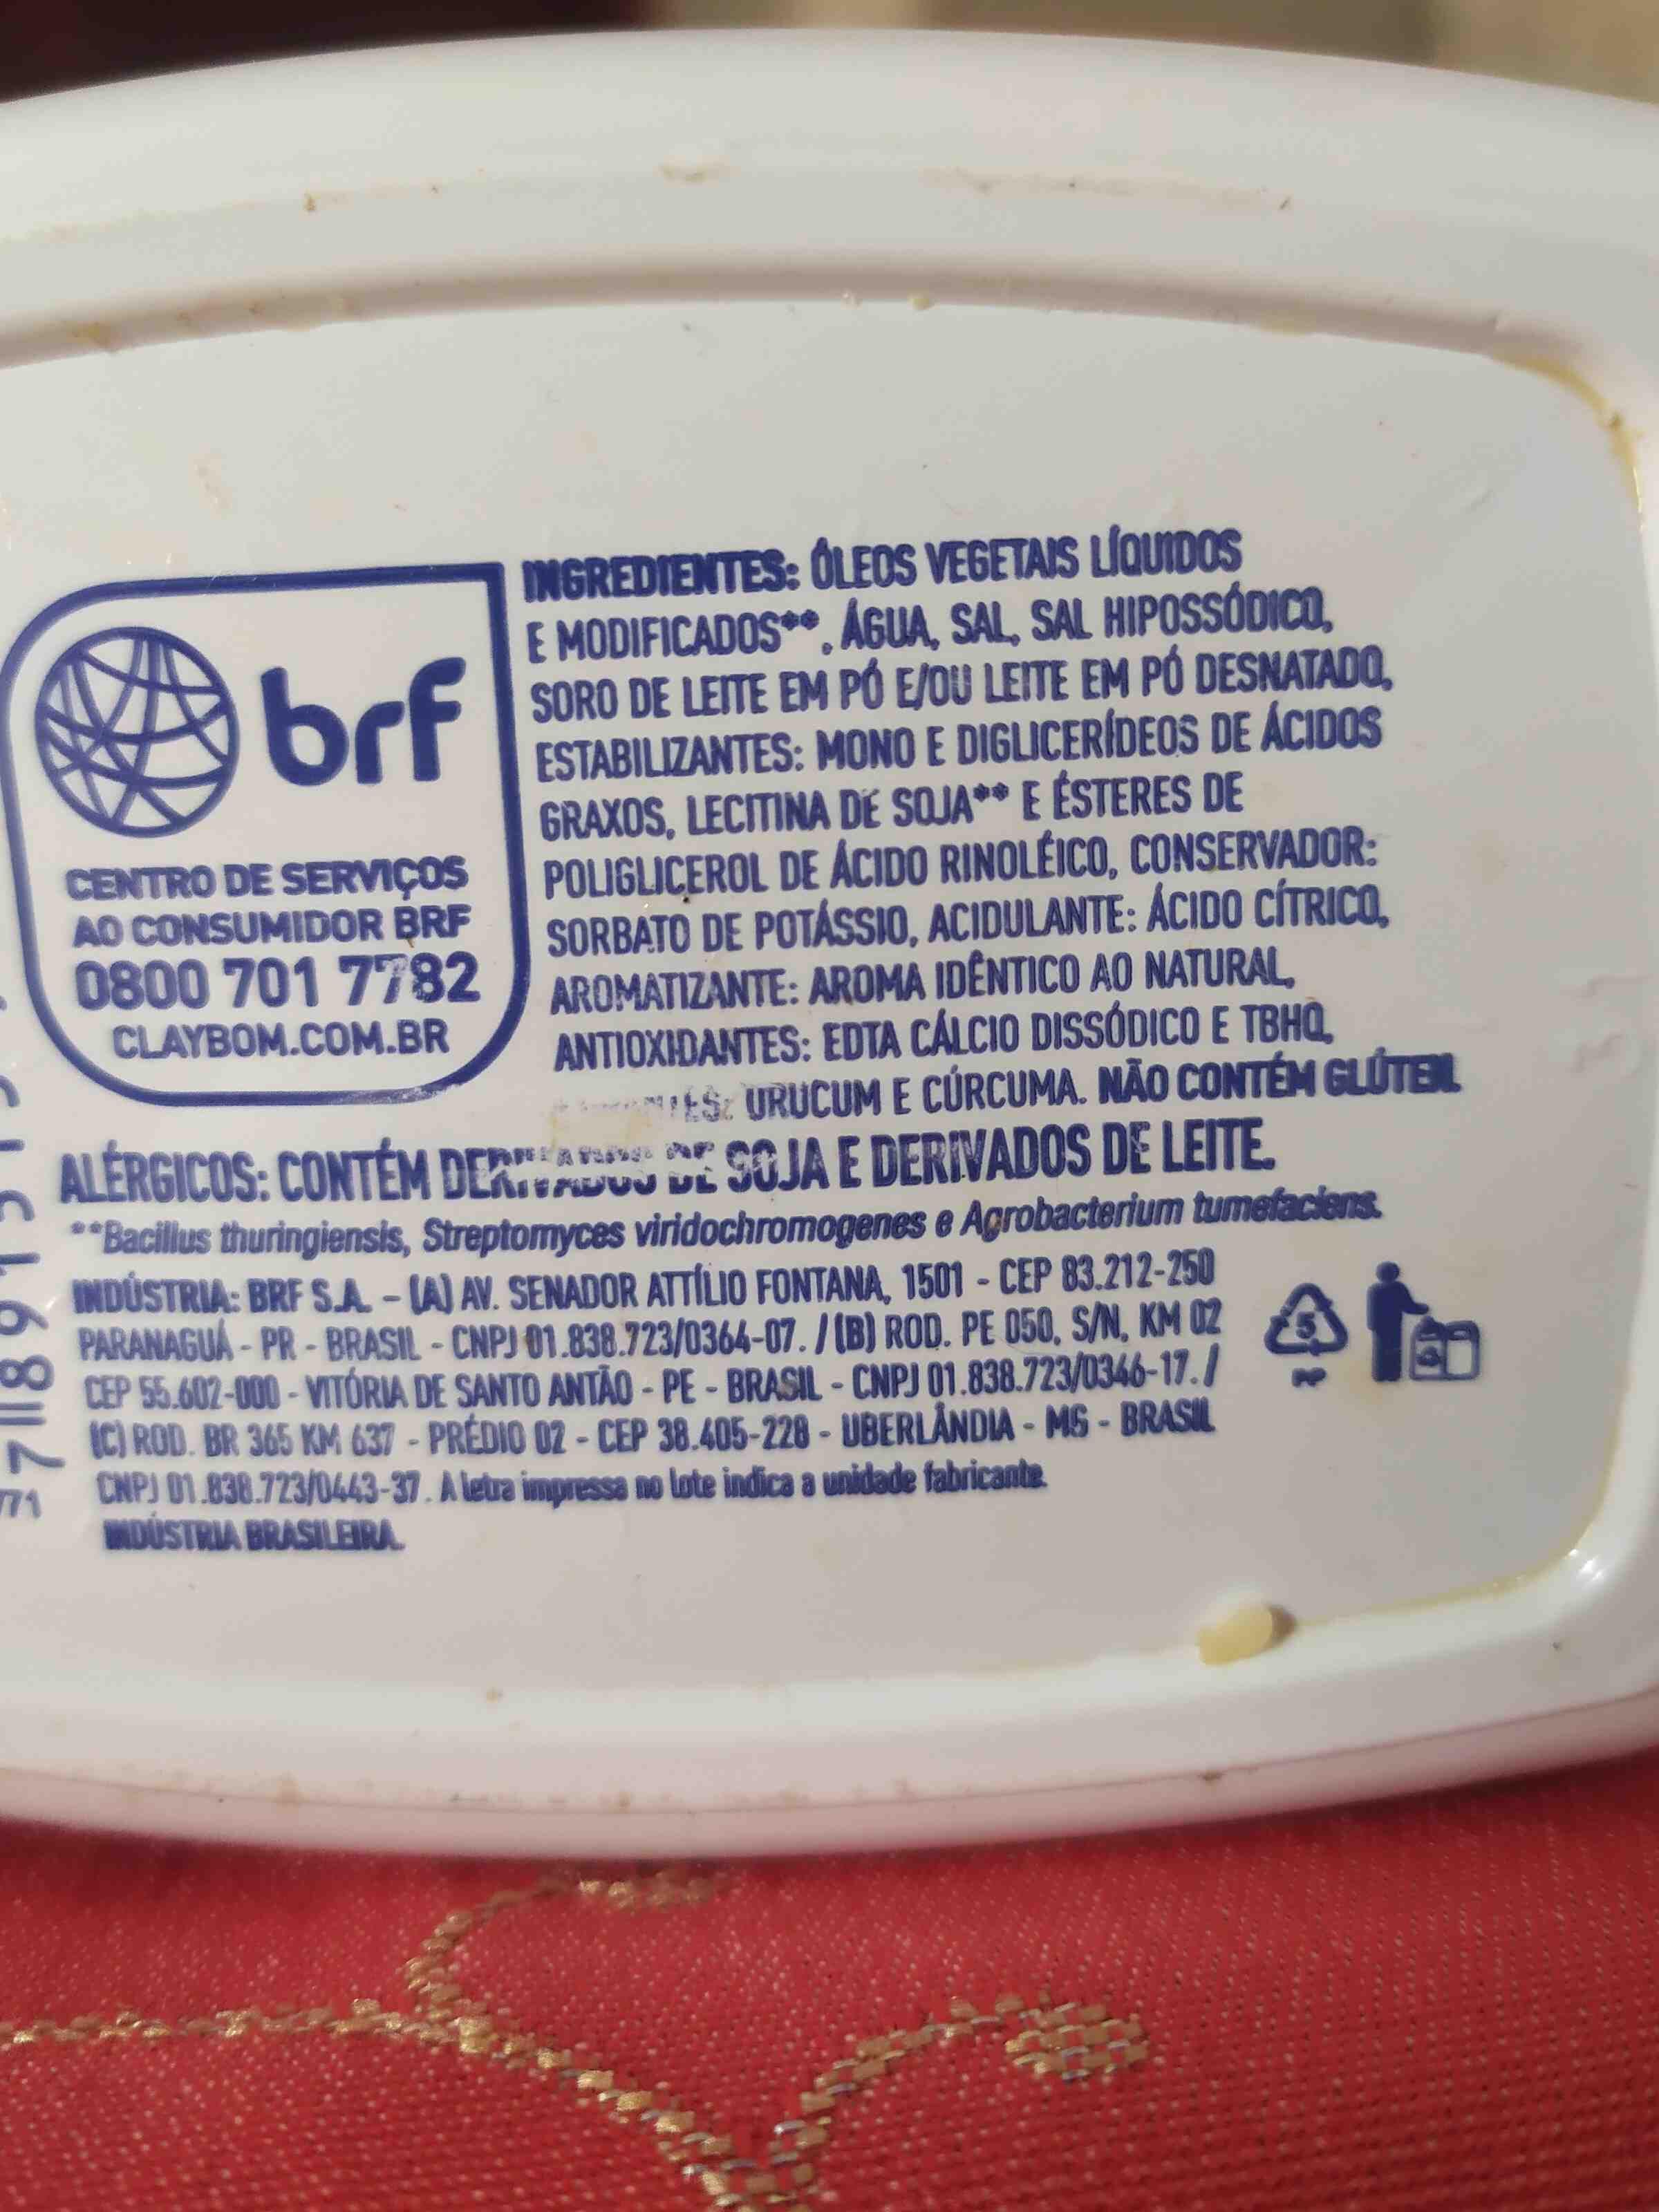 Margarina Claybom - Ingredientes - en